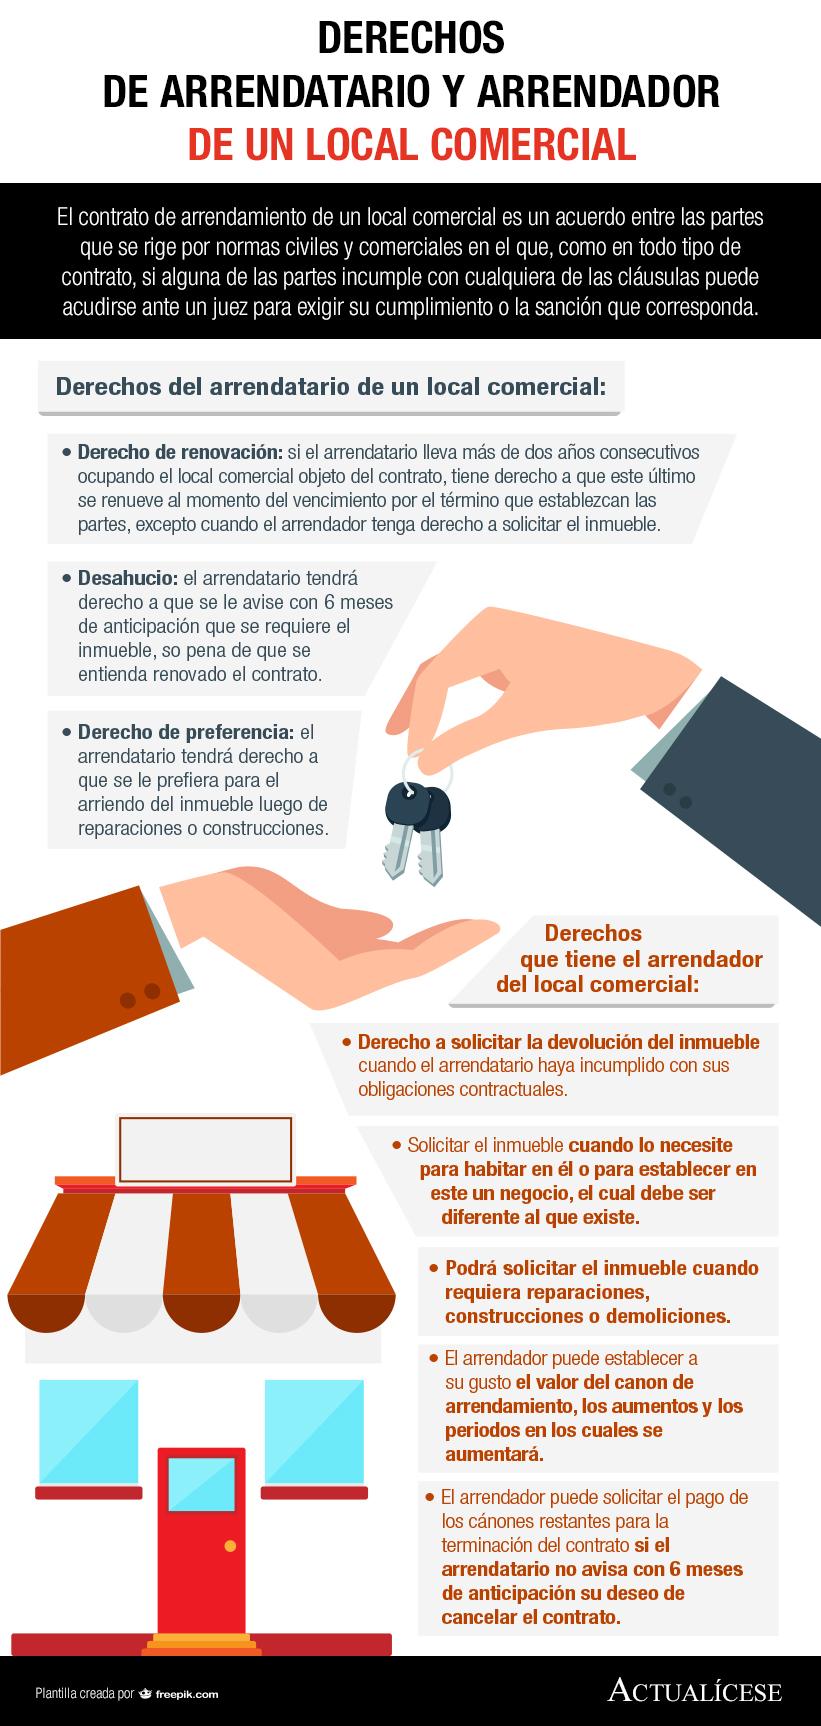 Nueva realidad: negociar y acordar cláusulas en contratos de arrendamiento comerciales